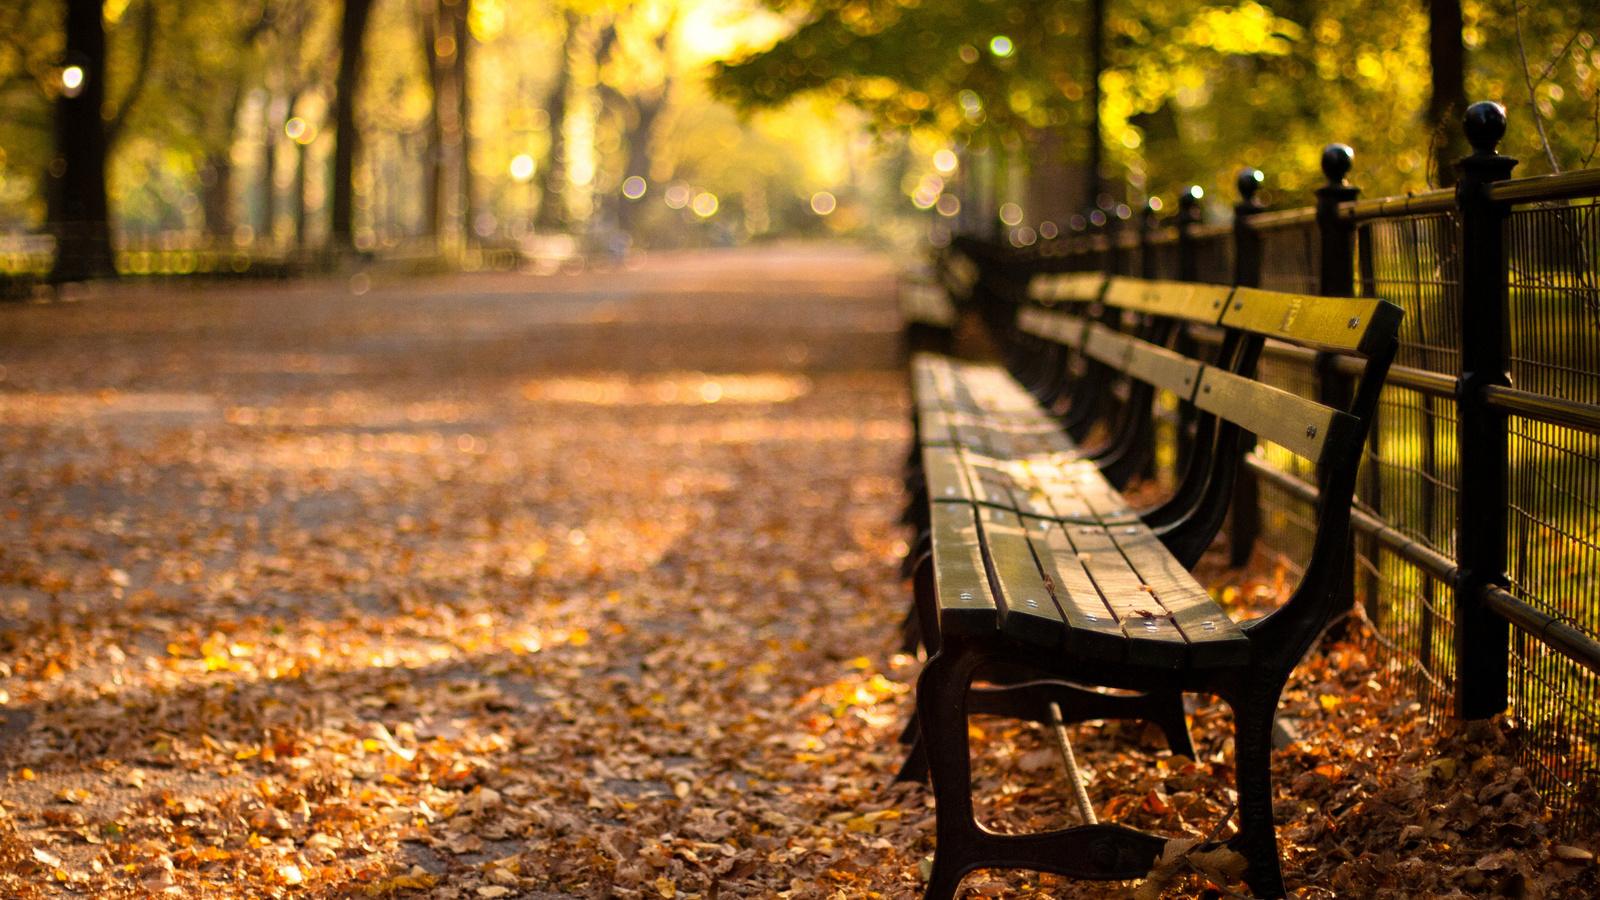 sunset, Central park, new york, autumn, парк, закат, нью-йорк